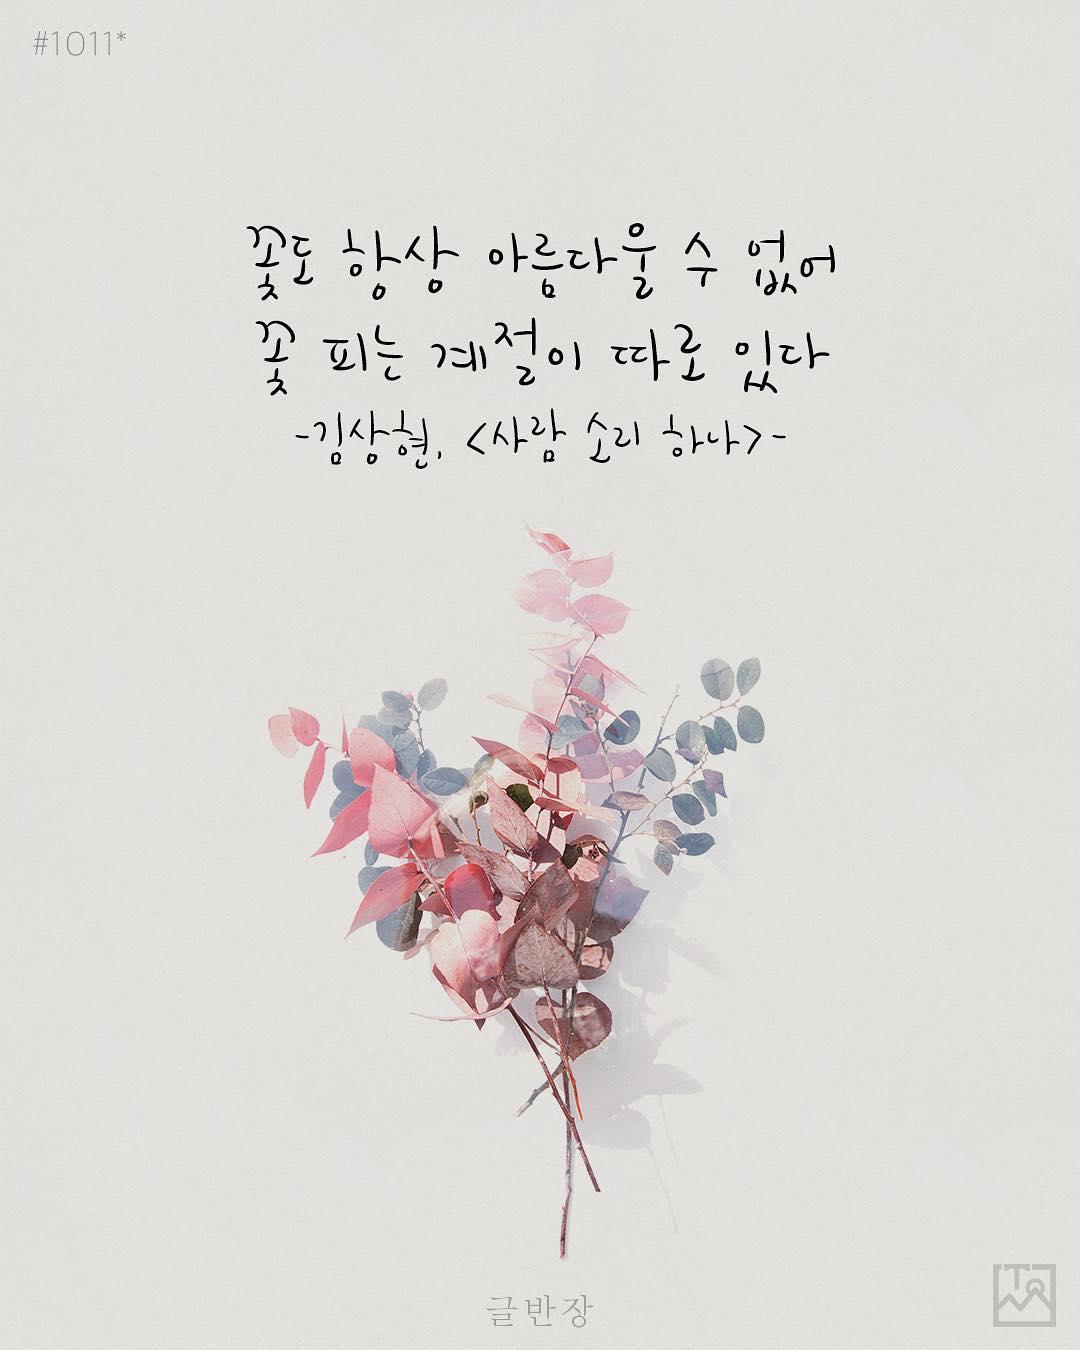 꽃도 항상 아름다울 수 없어 - 김상현, <사람 소리 하나>